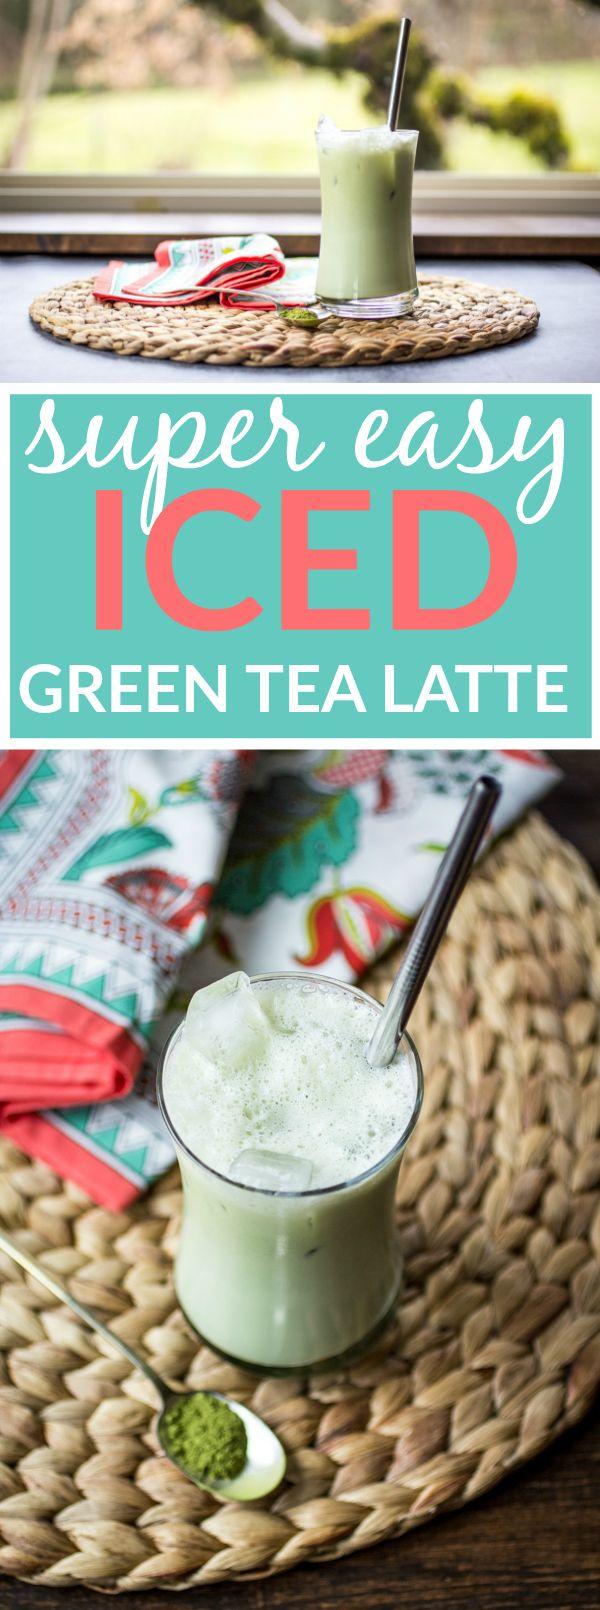 Easy Iced Green Tea Latte http://thewanderlustkitchen.com/easy-iced-green-tea-latte/